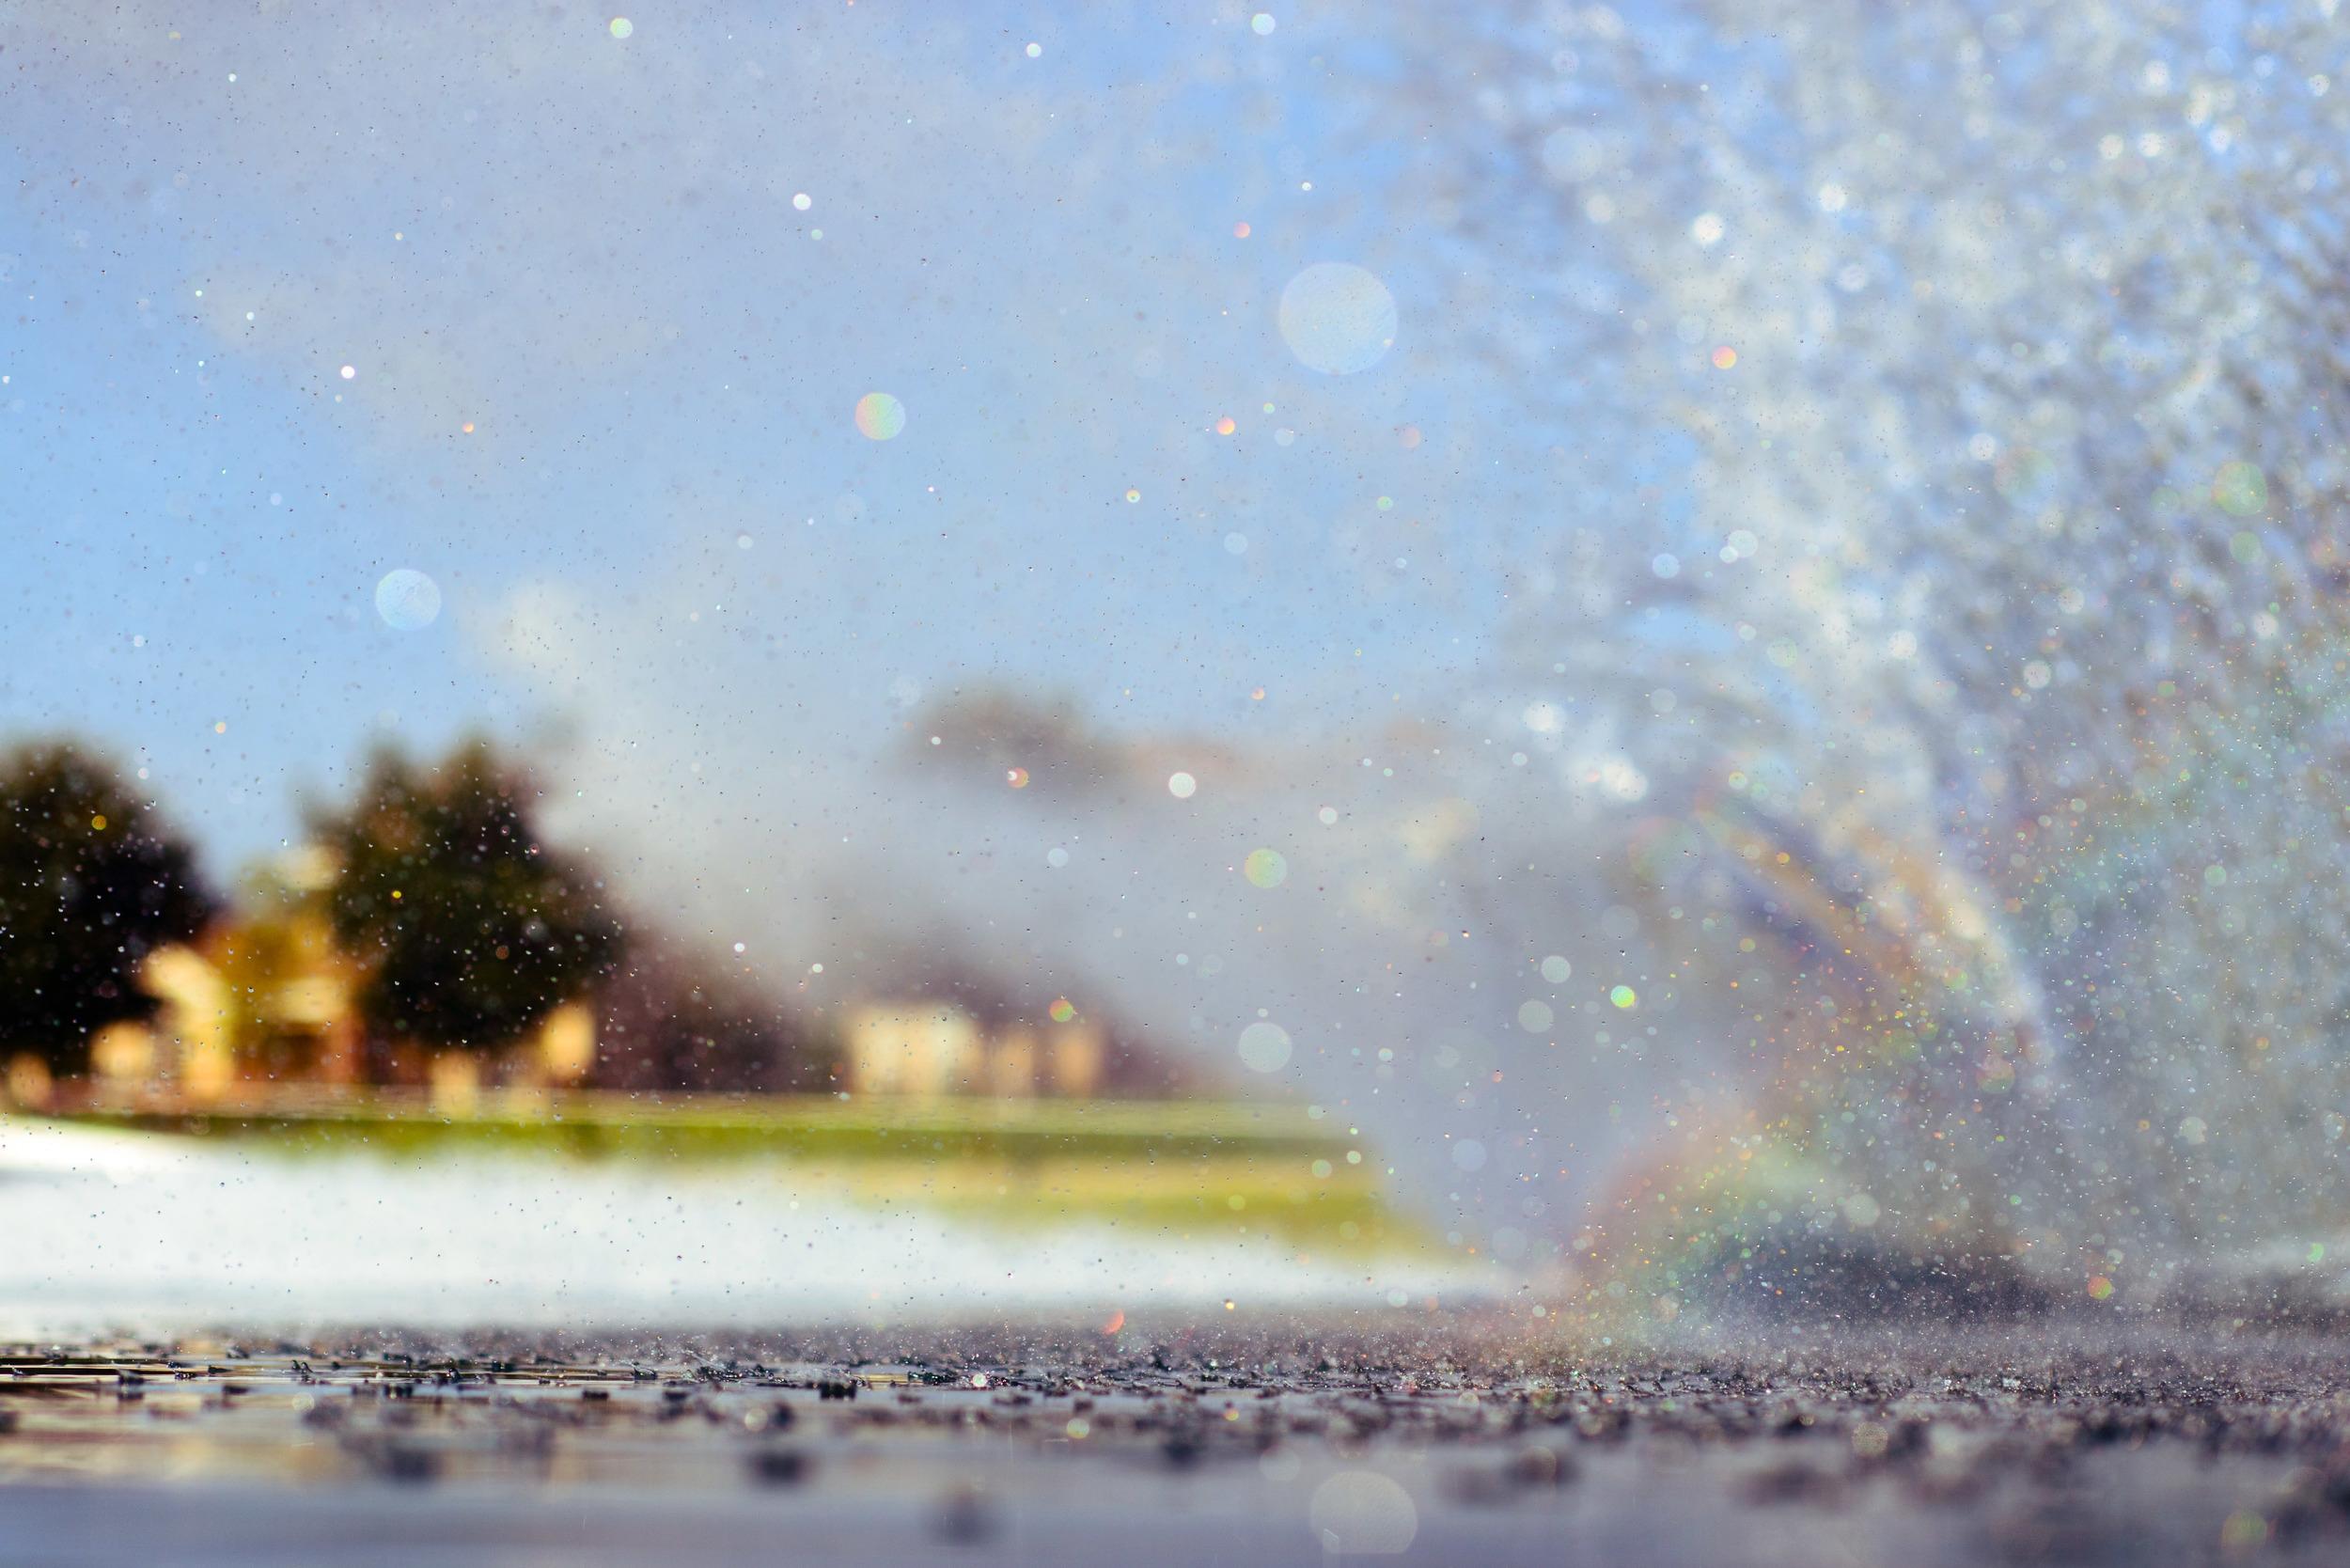 Water Ski Image